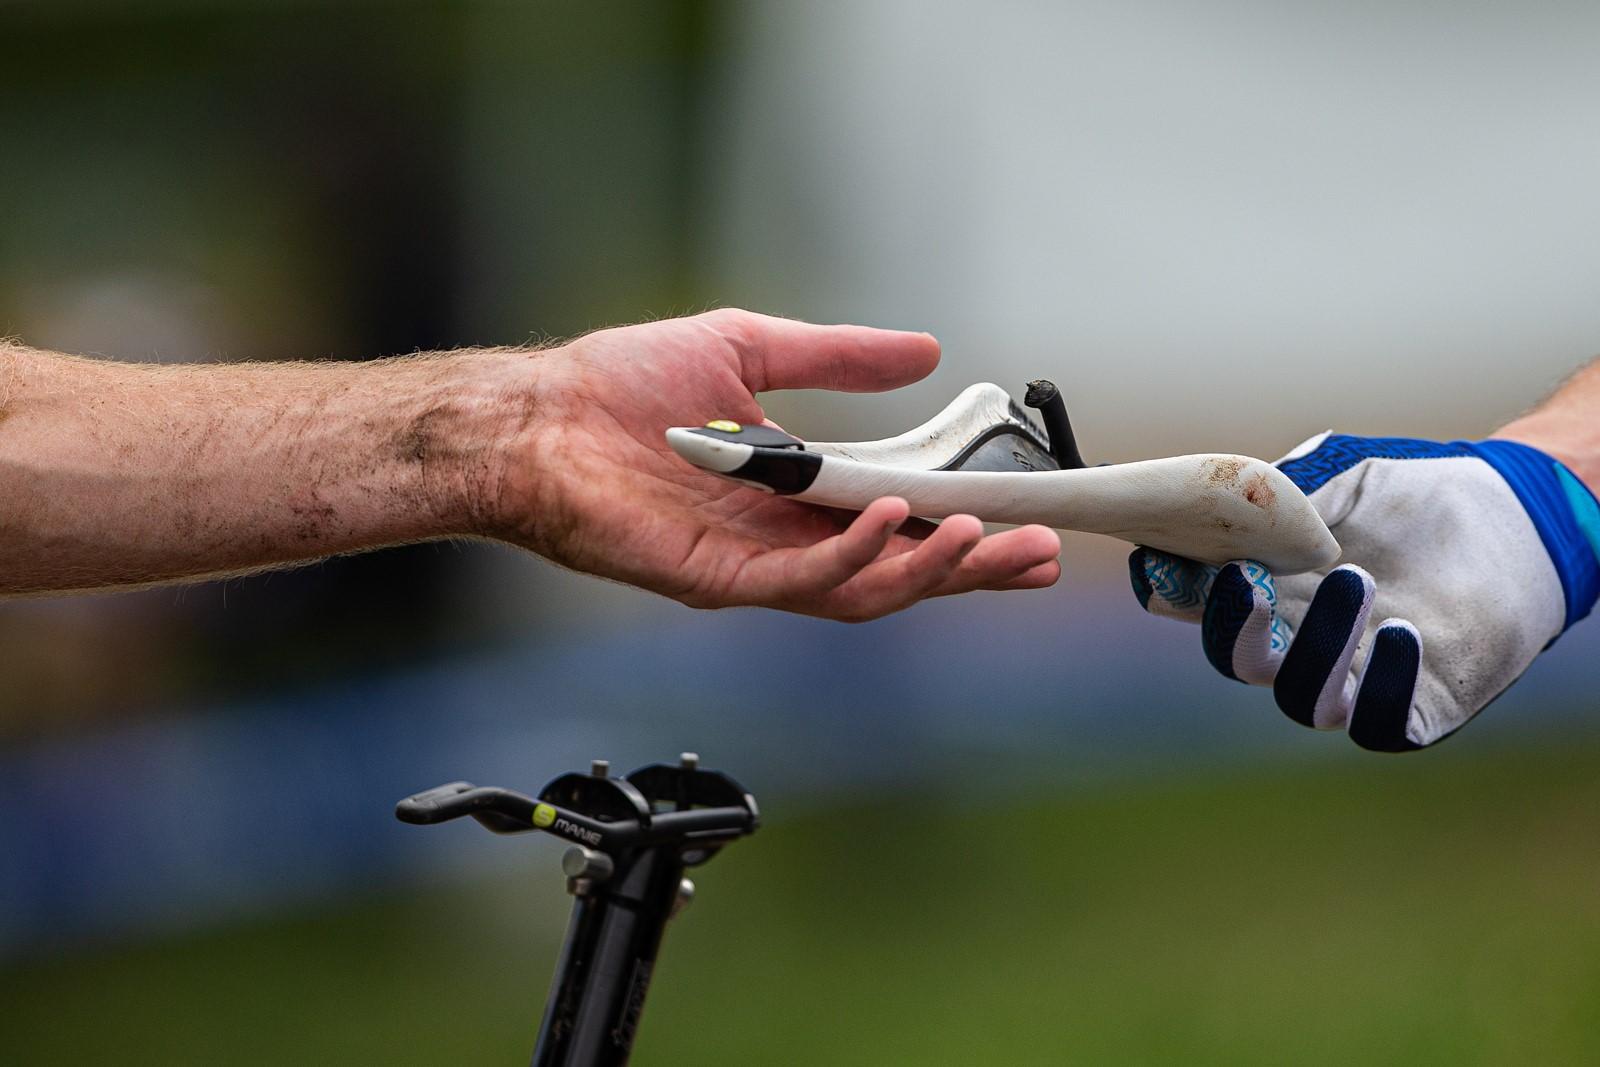 Utržené sedlo na kole může být poukázkou na mimořádně nepříjemné zranění. Foto: Michal Červený